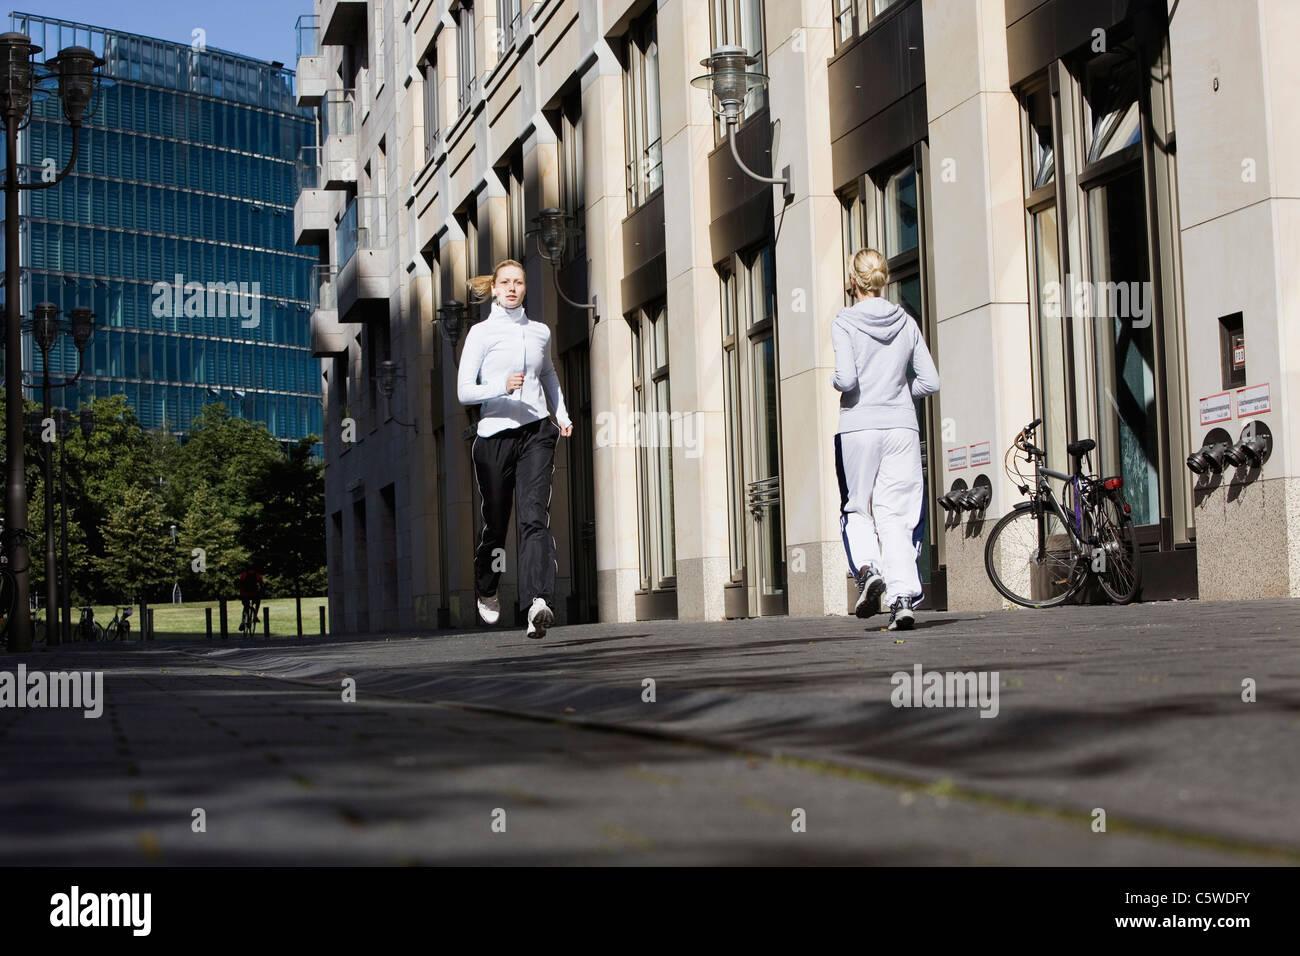 Deutschland, Berlin, zwei Frauen Joggen in der Stadt Stockbild